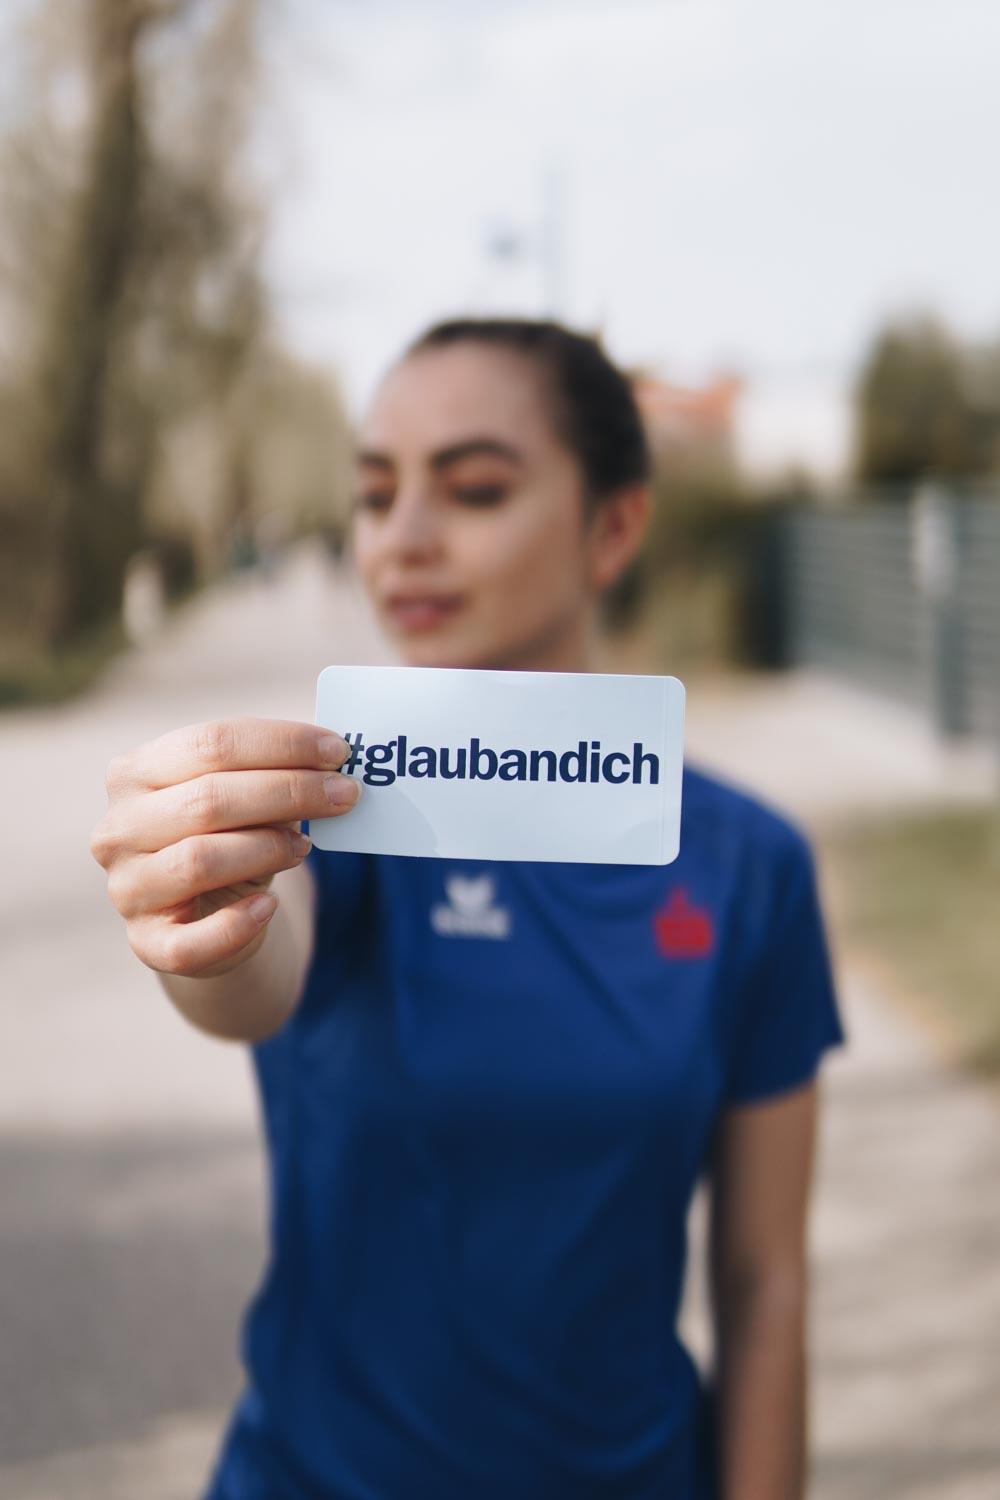 #glaubandich